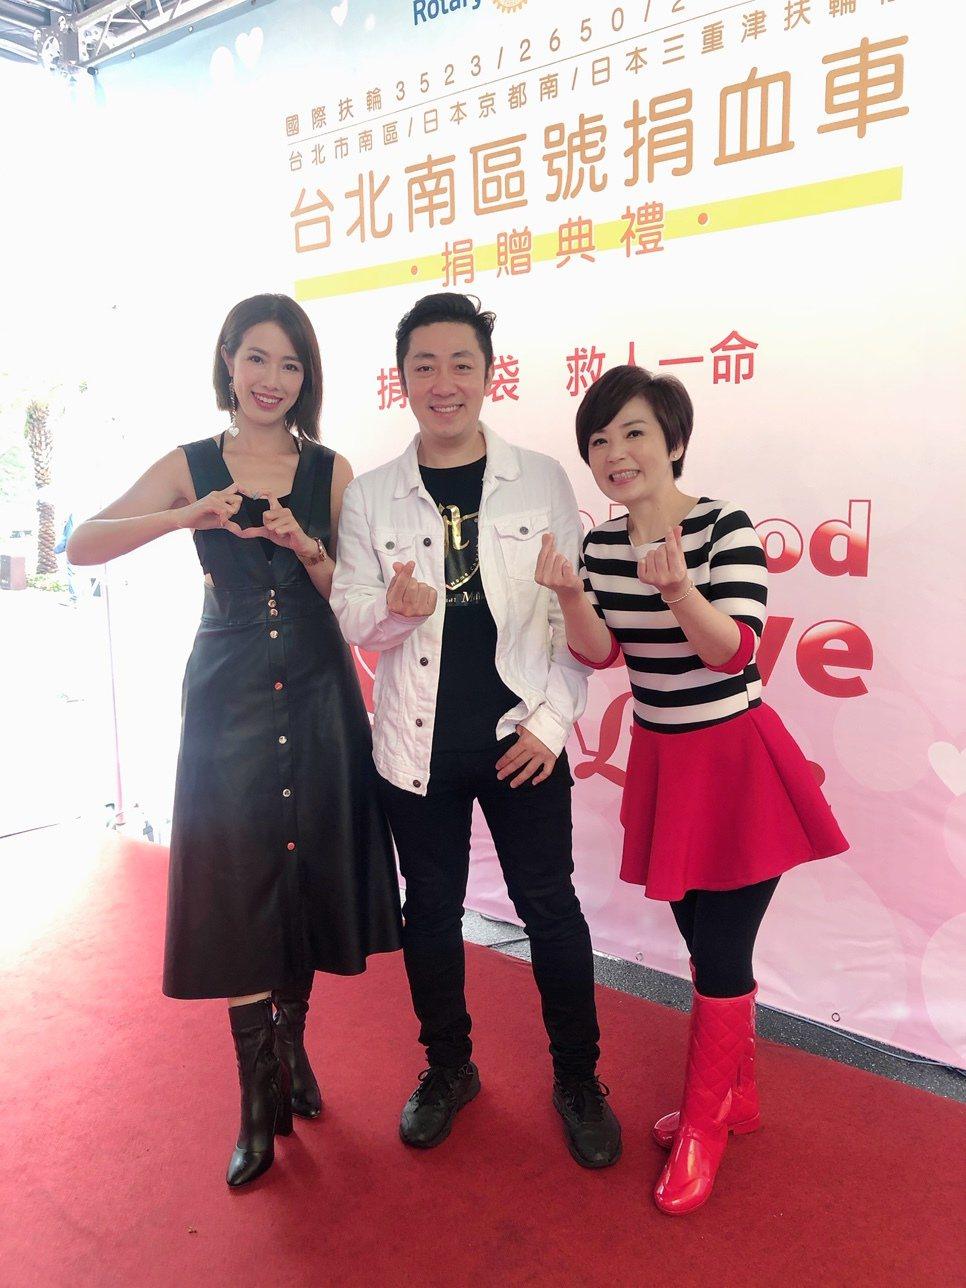 黃瑄(左起)、艾成、楊平熱血站台捐血車捐贈活動,號召民眾獻愛心。圖/民視提供